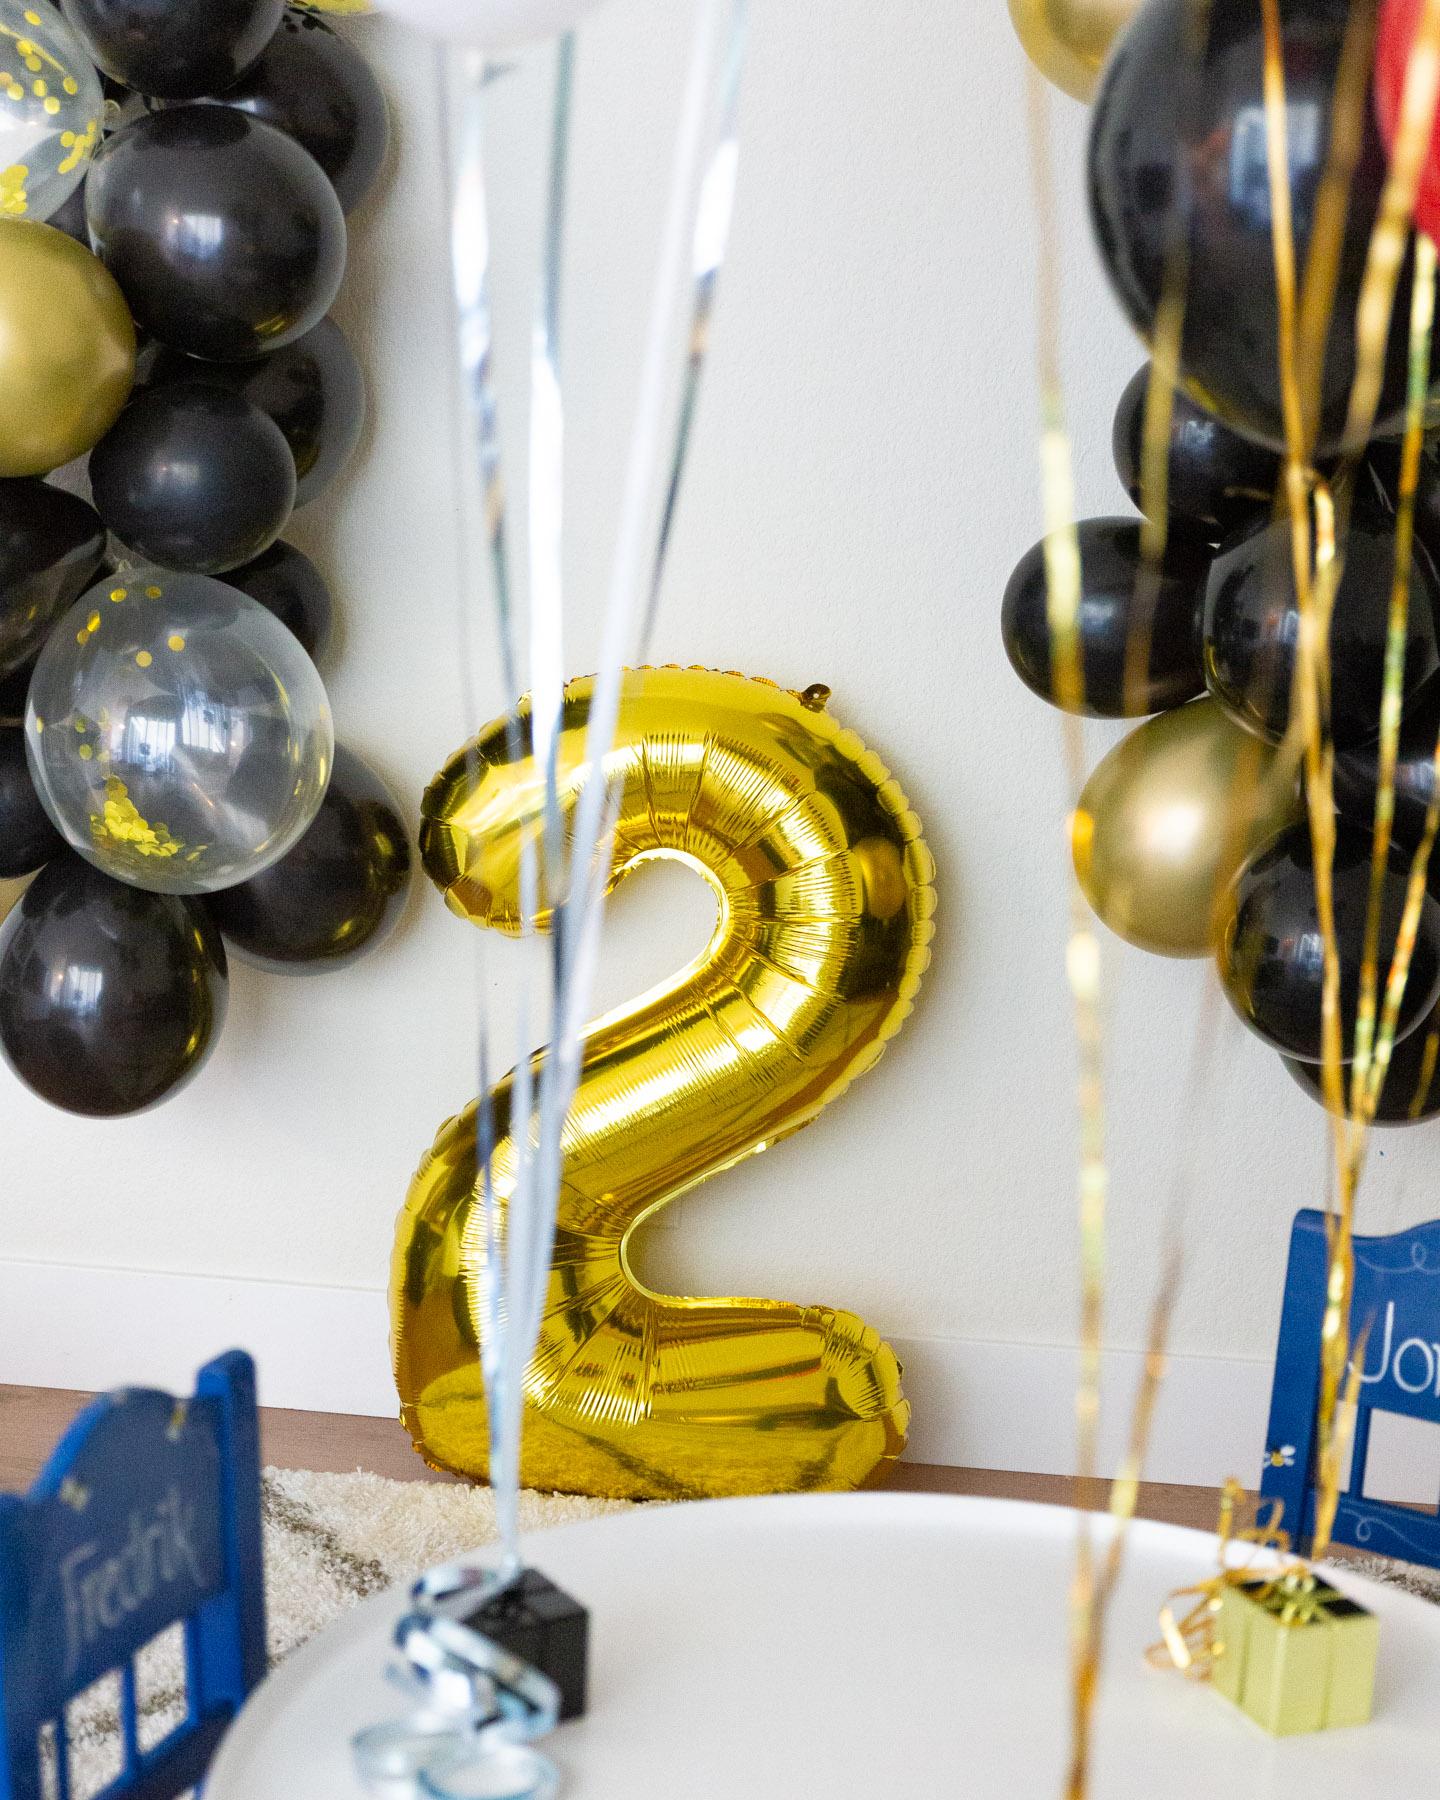 20190915-1407-bursdagsfeiring0102.jpg